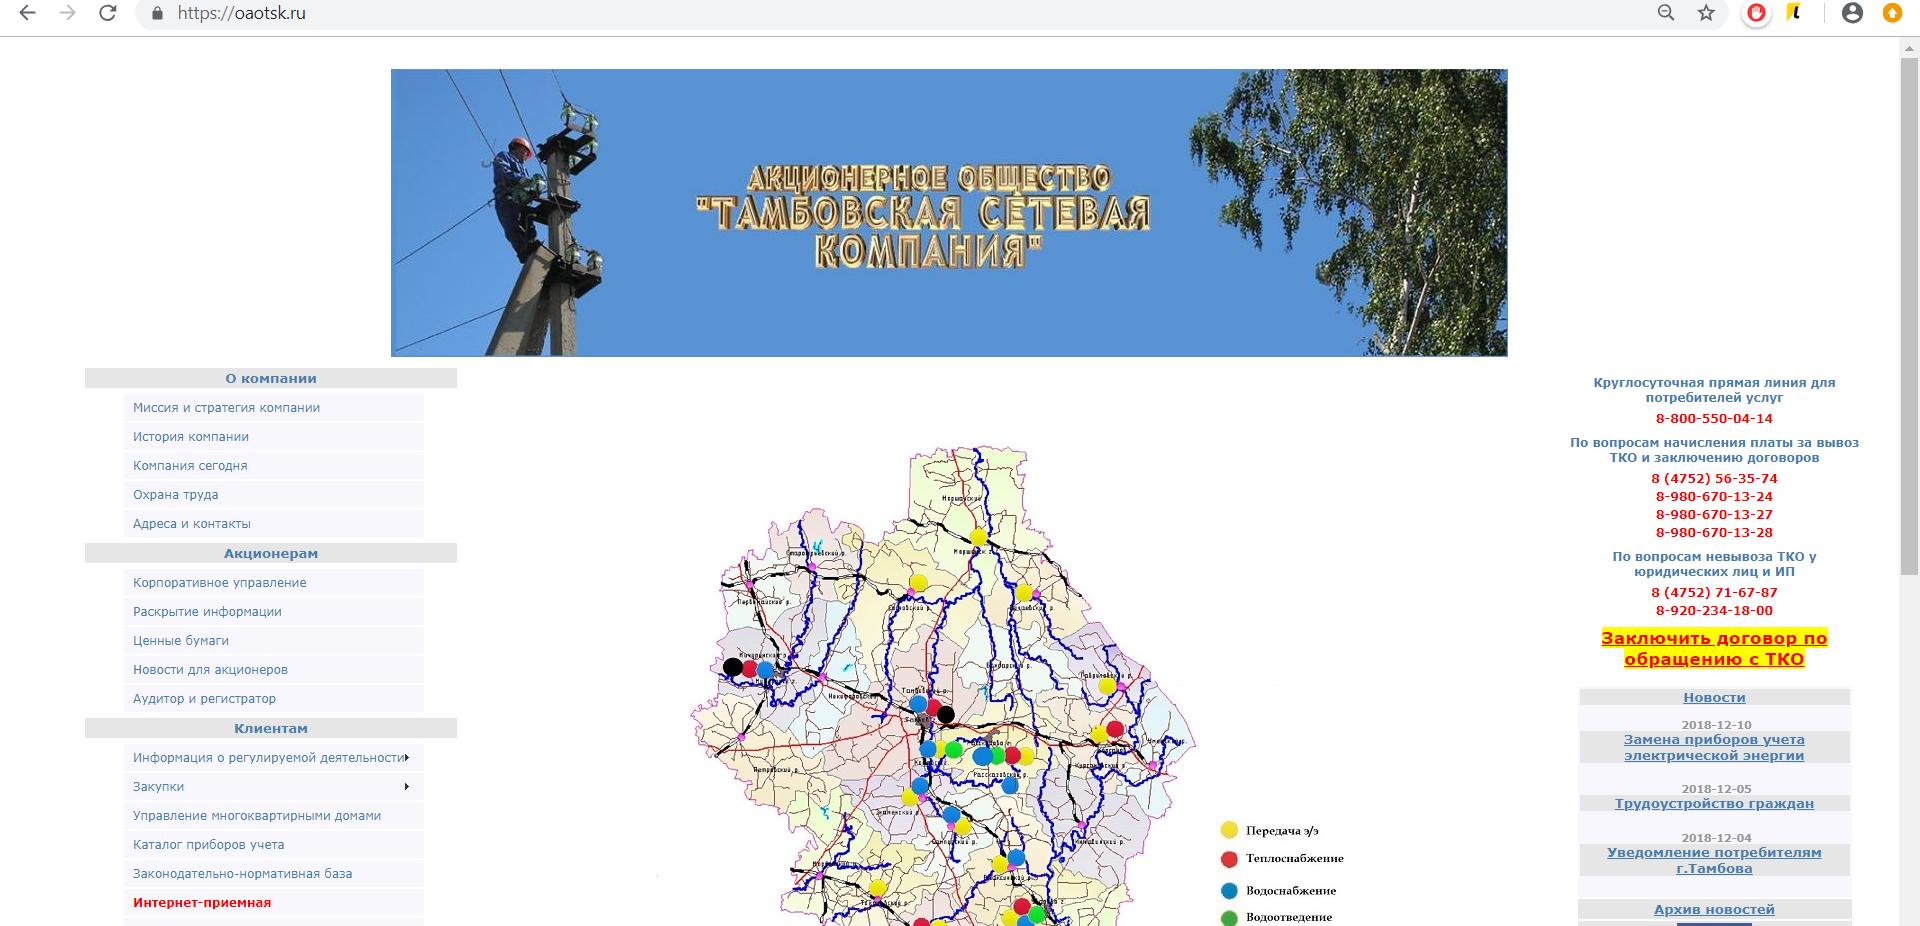 Региональный оператор ТКО Тамбовская область